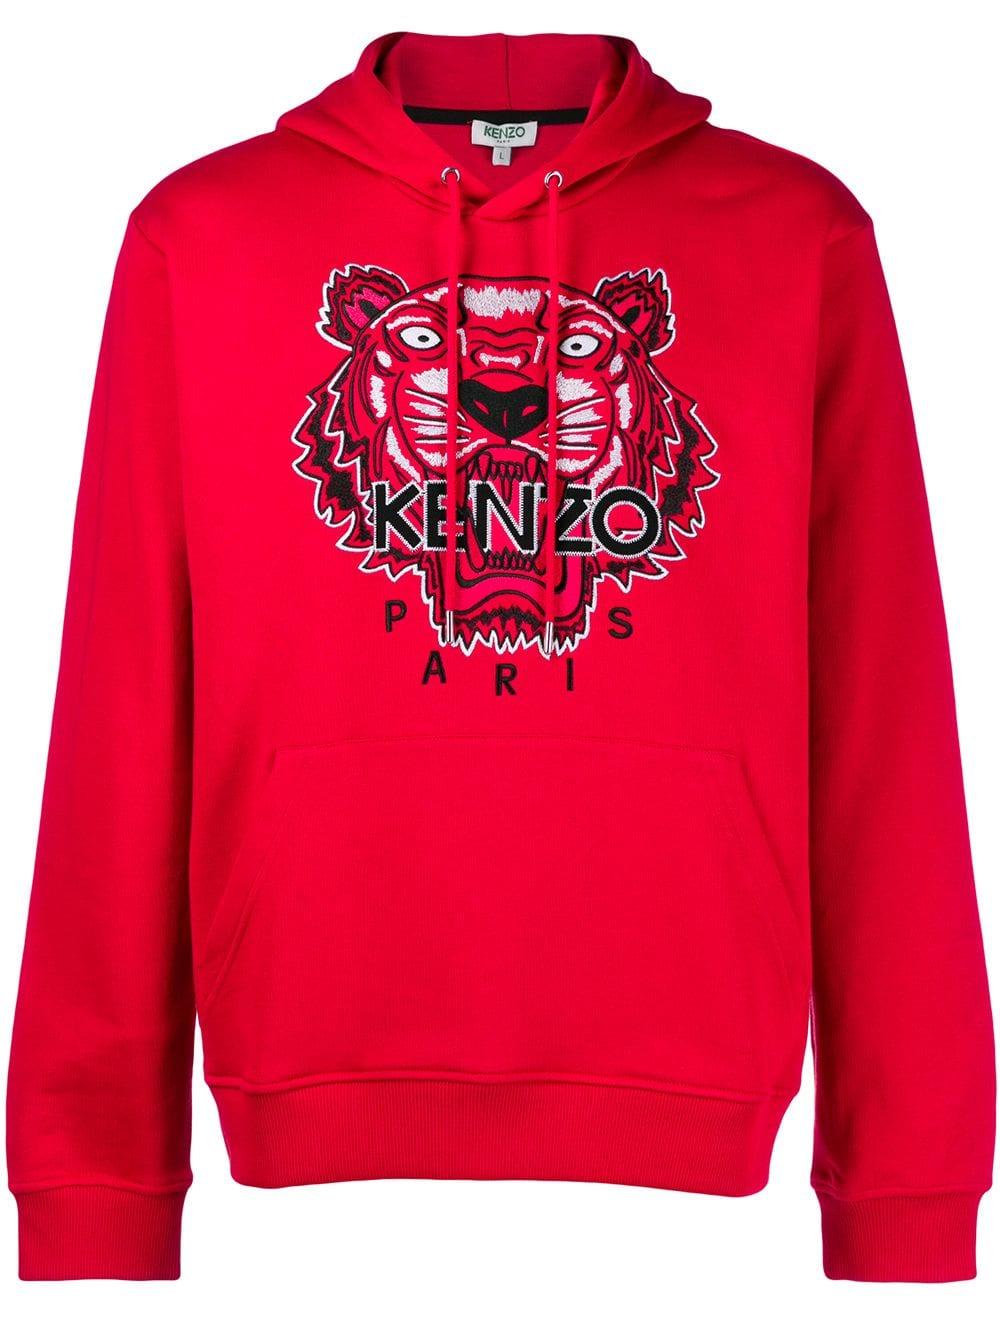 Kenzo Hoodies Luxury Brands for Men